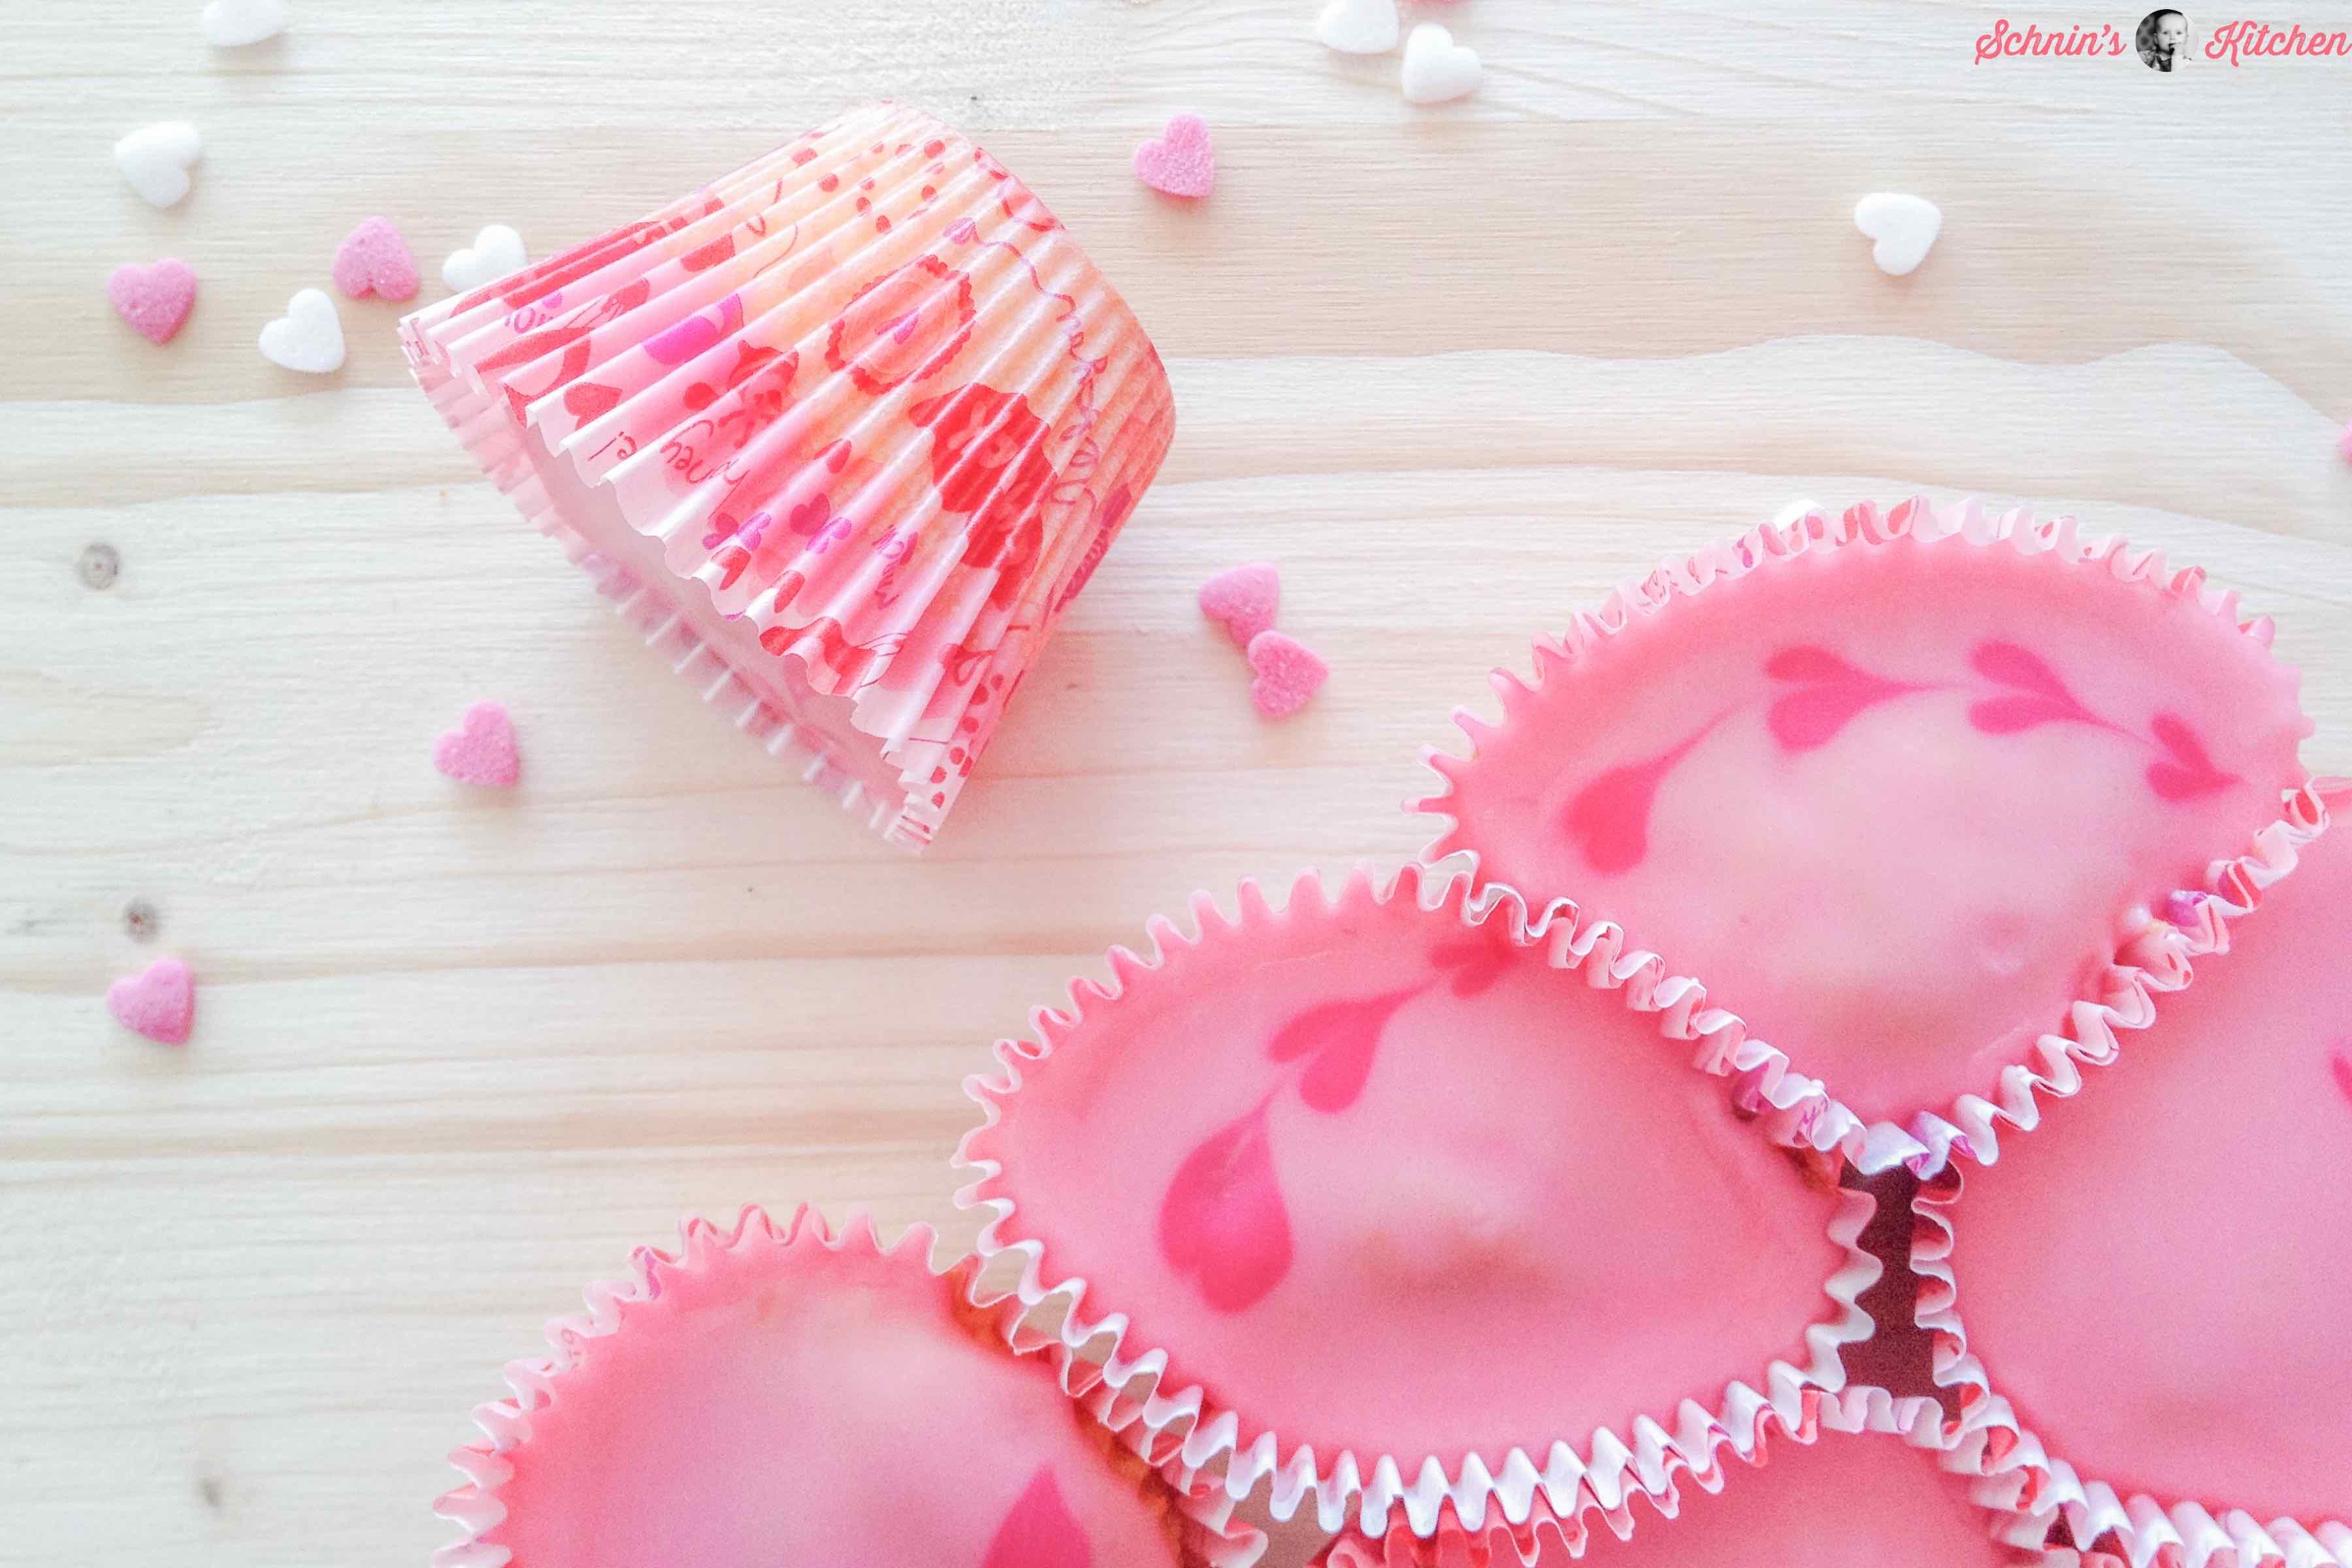 Cupcake-Herz-Kuchen für Valentinstag, Muttertag oder Hochzeit - www.schninskitchen.de